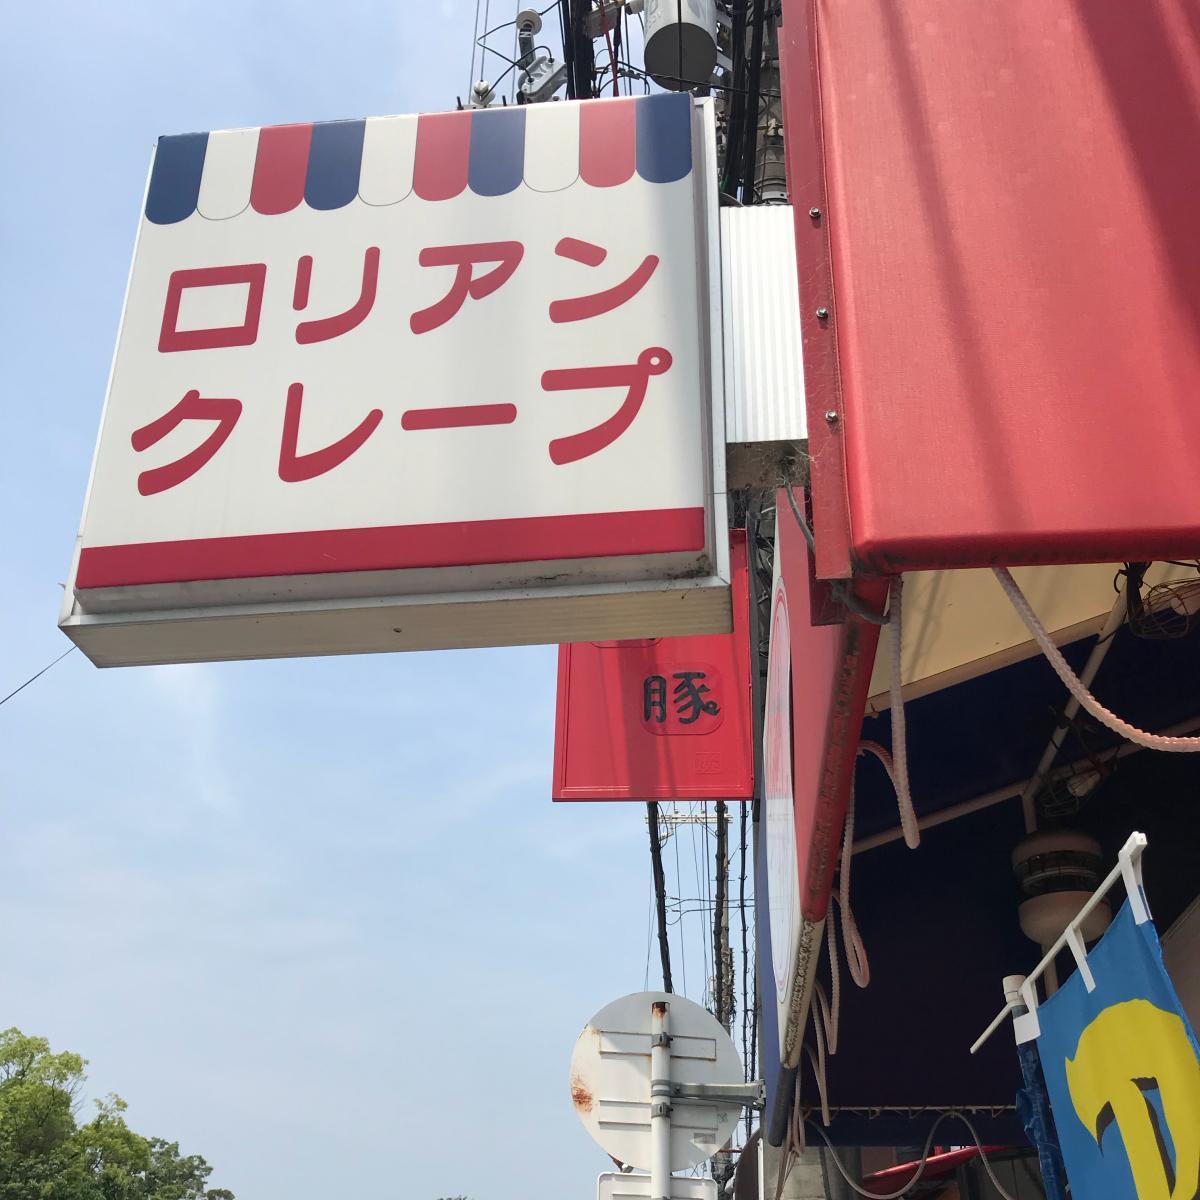 クレープ ロリアン 堺筋本町のクレープ屋さん『LORIANT(ロリアン)』